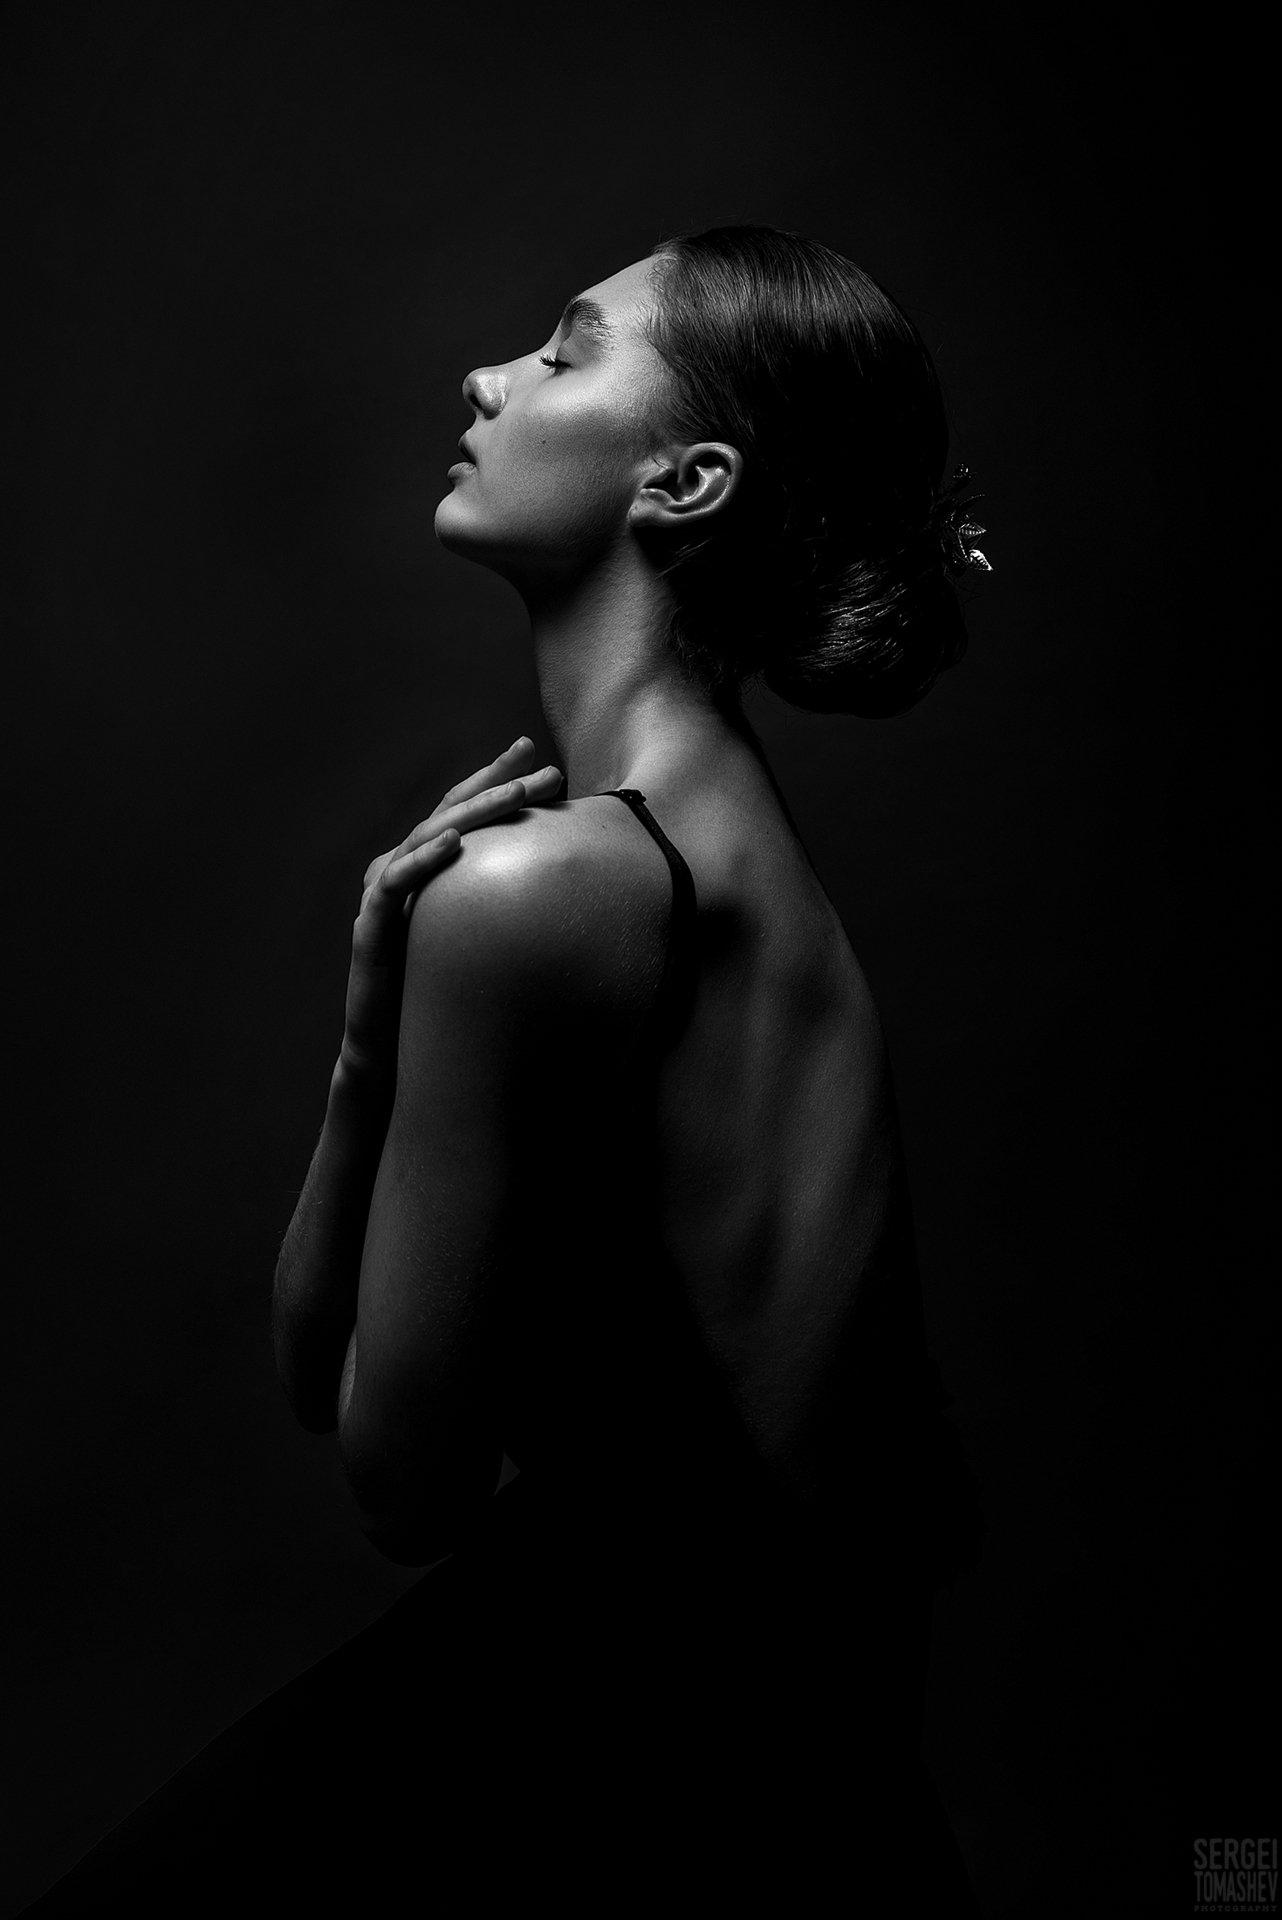 портрет, девушка, модель, 2021, Томашев Сергей